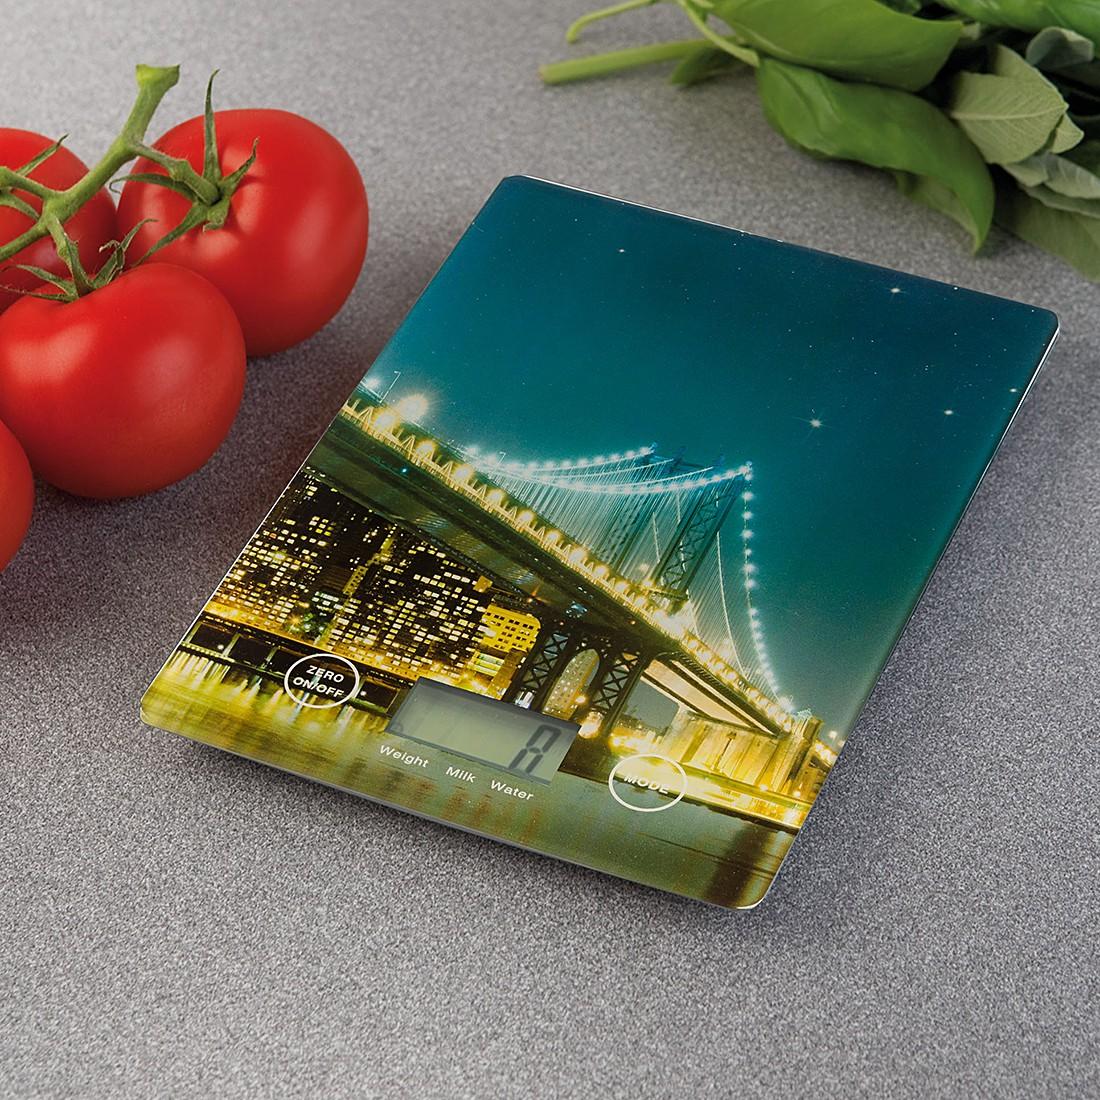 Küchenwaage Slim Brooklyn Bridge, WENKO jetzt kaufen